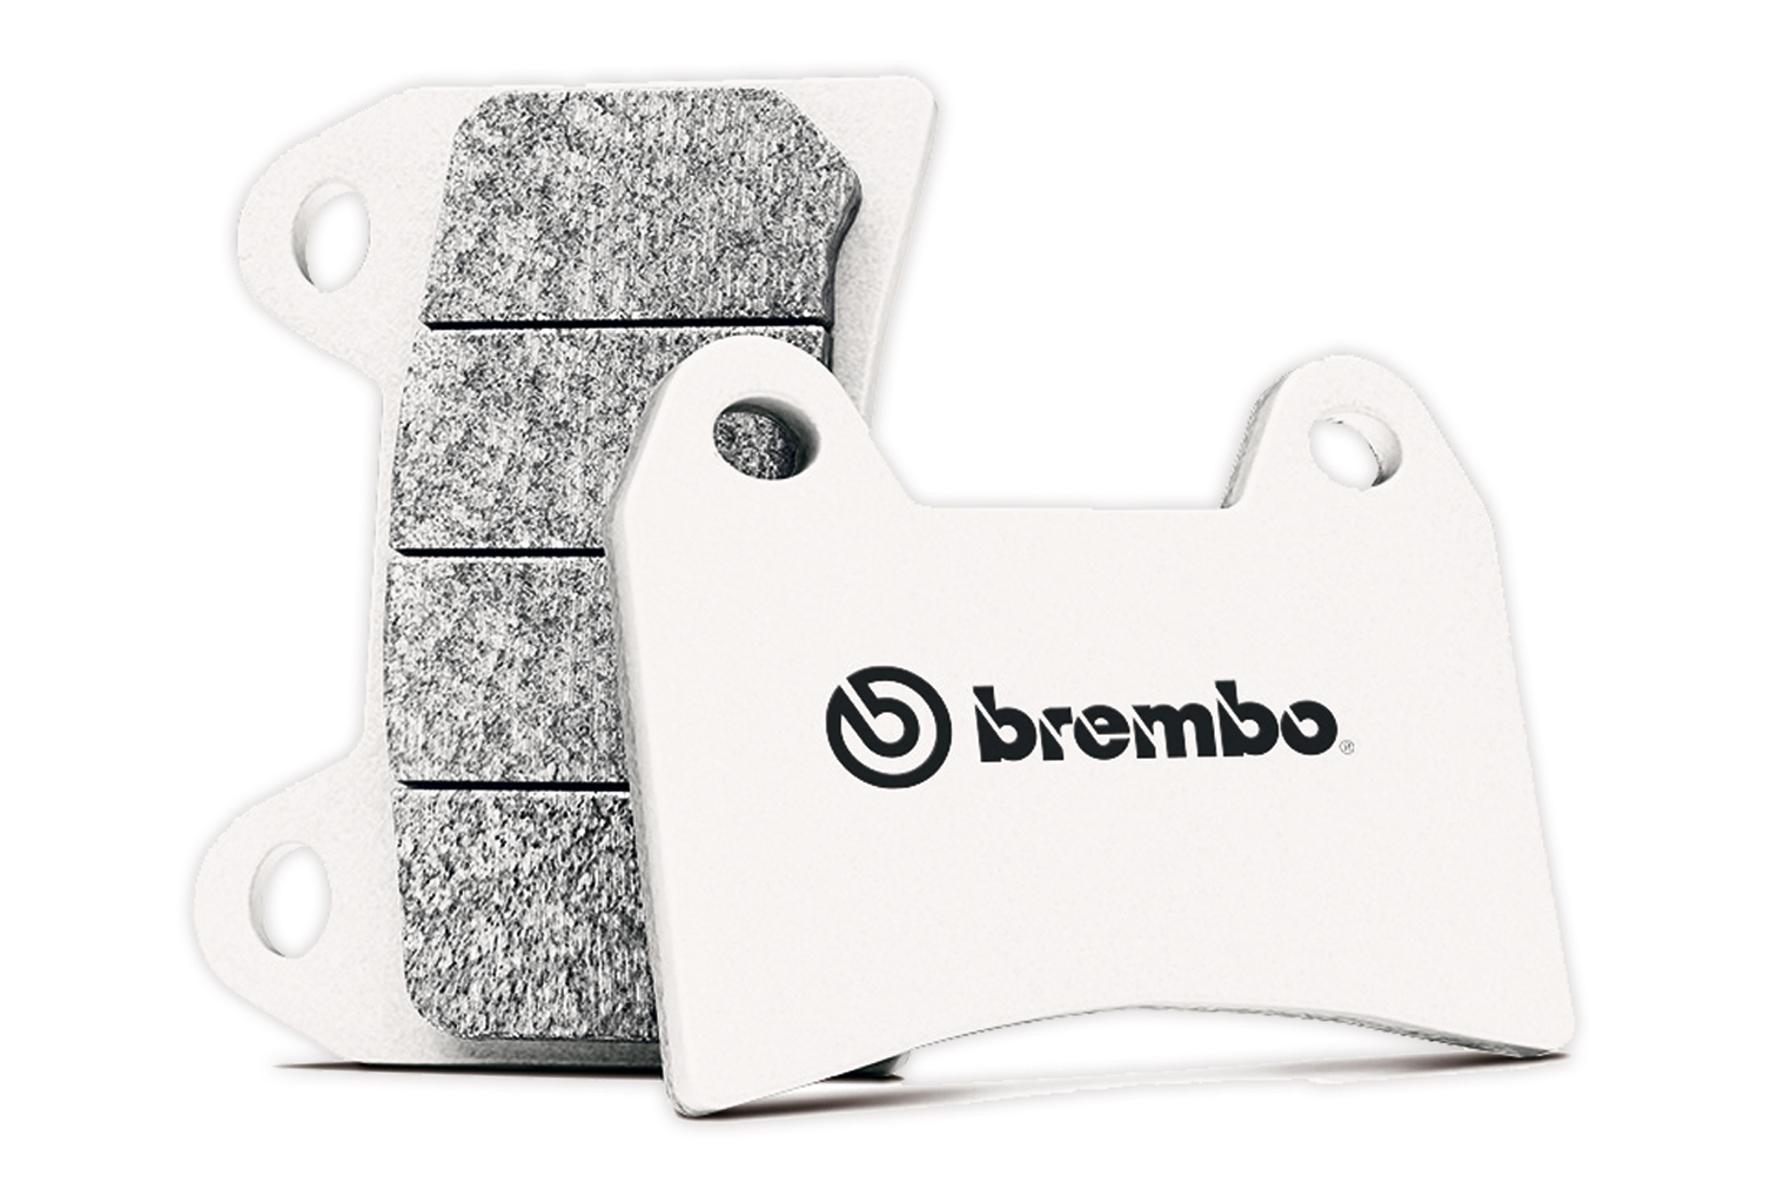 Brembo Mescola LA